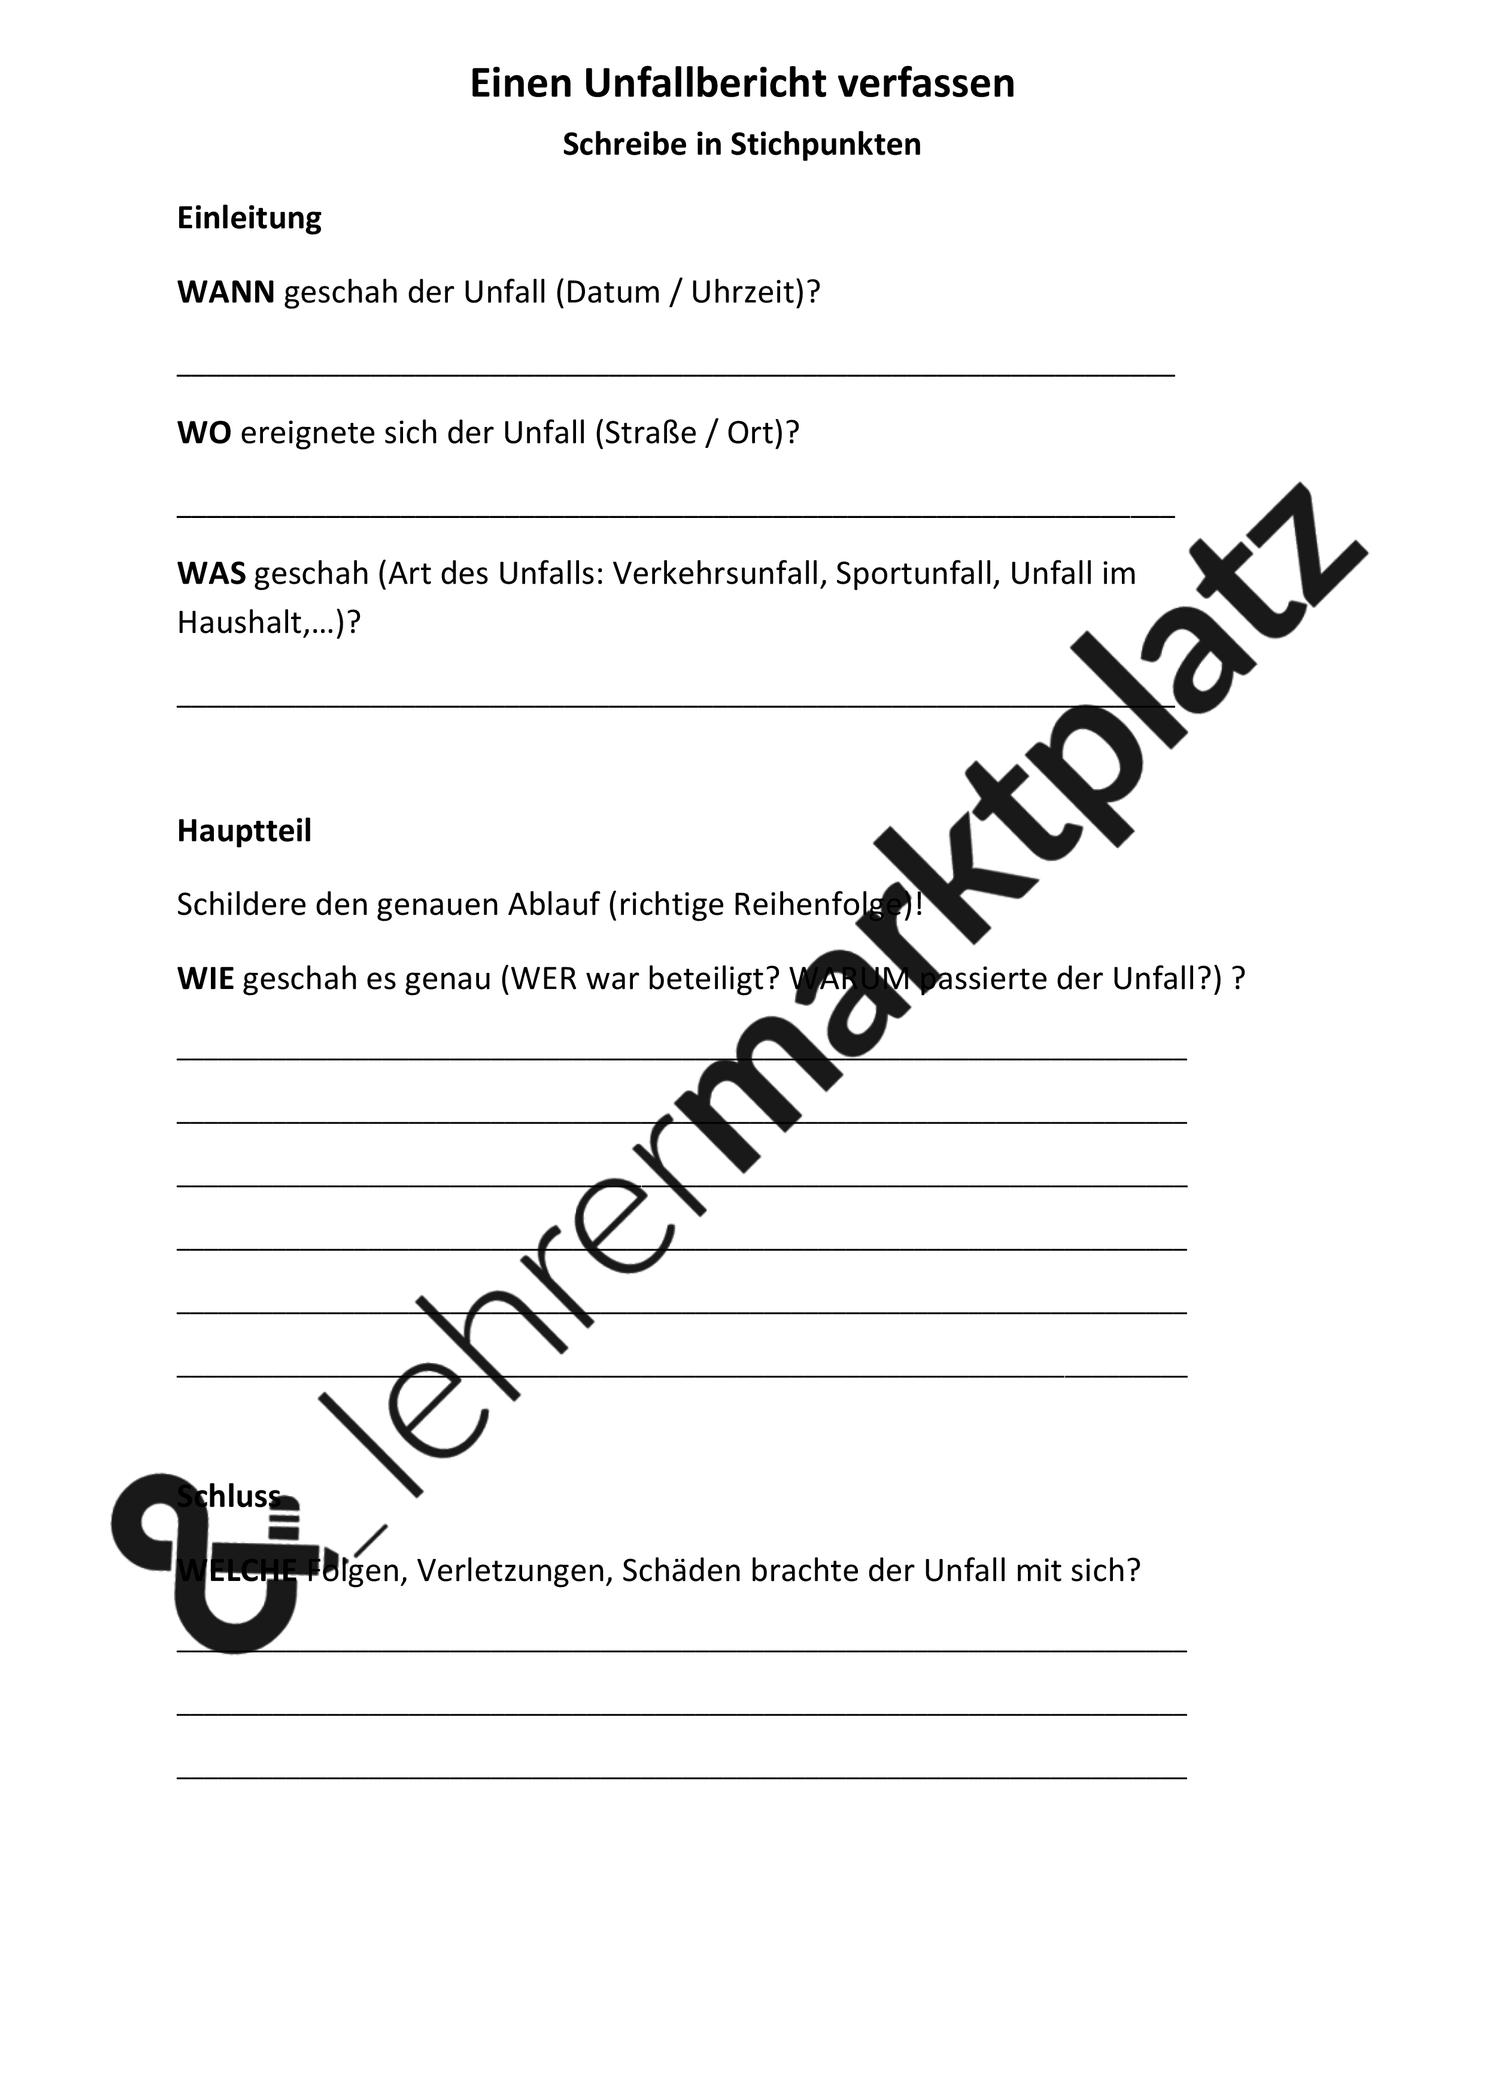 Unfallbericht Verschiedene Ubungsmaterialien Unterrichtsmaterial Im Fach Deutsch Unfallbericht Lernen Tipps Schule Unfall